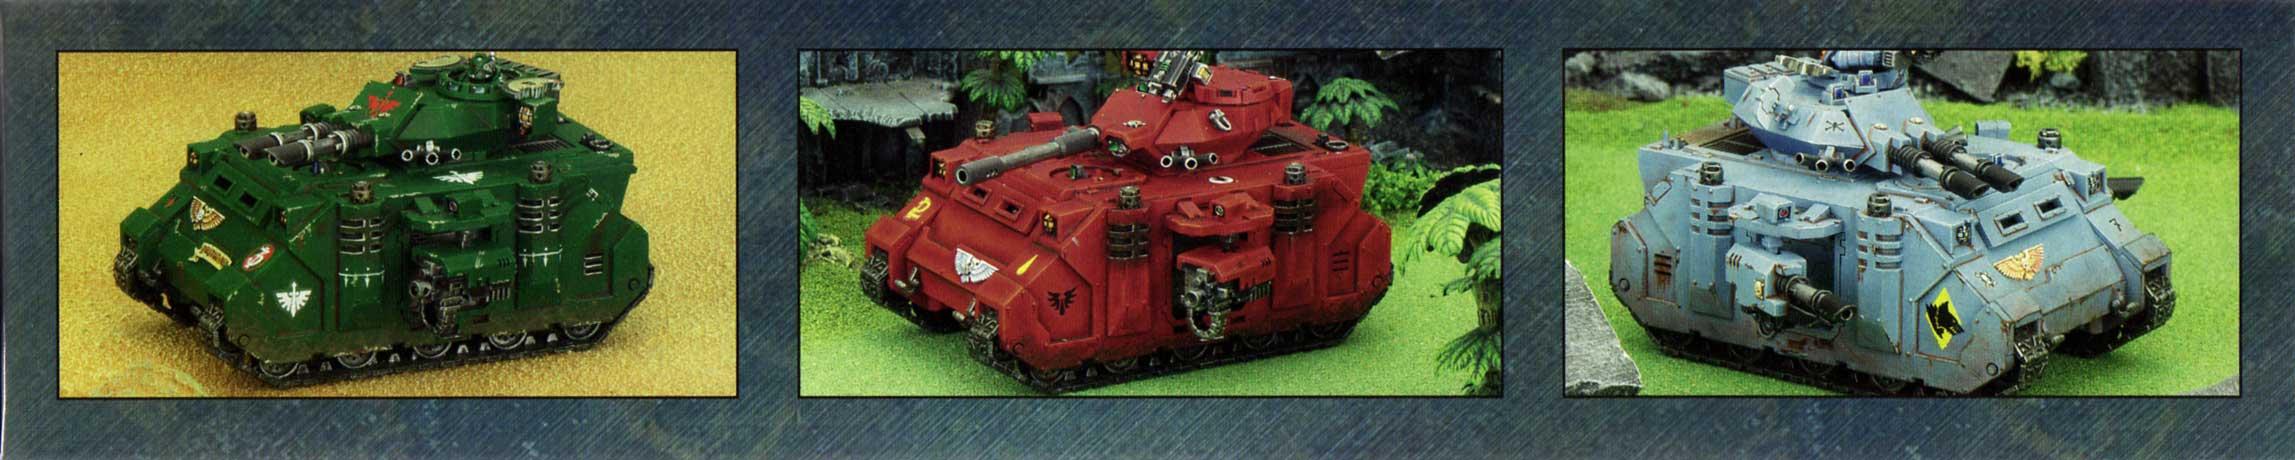 boîte dos haut et bas Tank Predator (Space Marine - Warhammer 40.000)